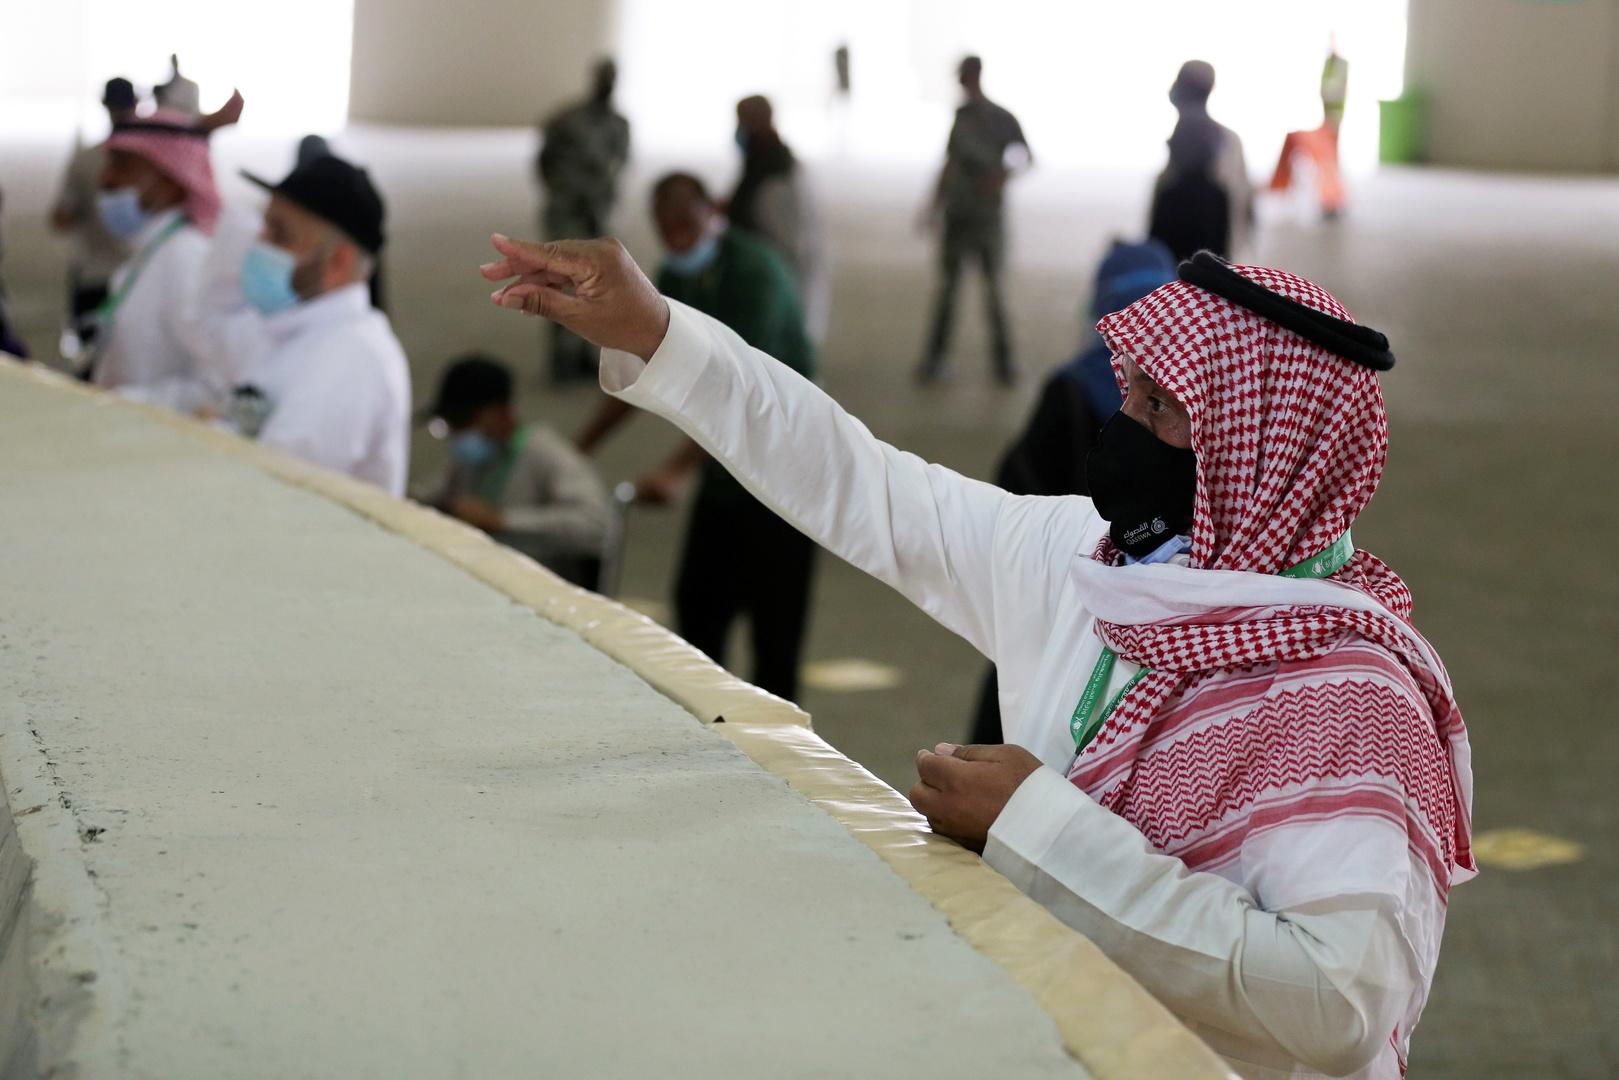 الصحة السعودية تعلن نجاح موسم الحج صحيا وخلوه من كورونا والأوبئة